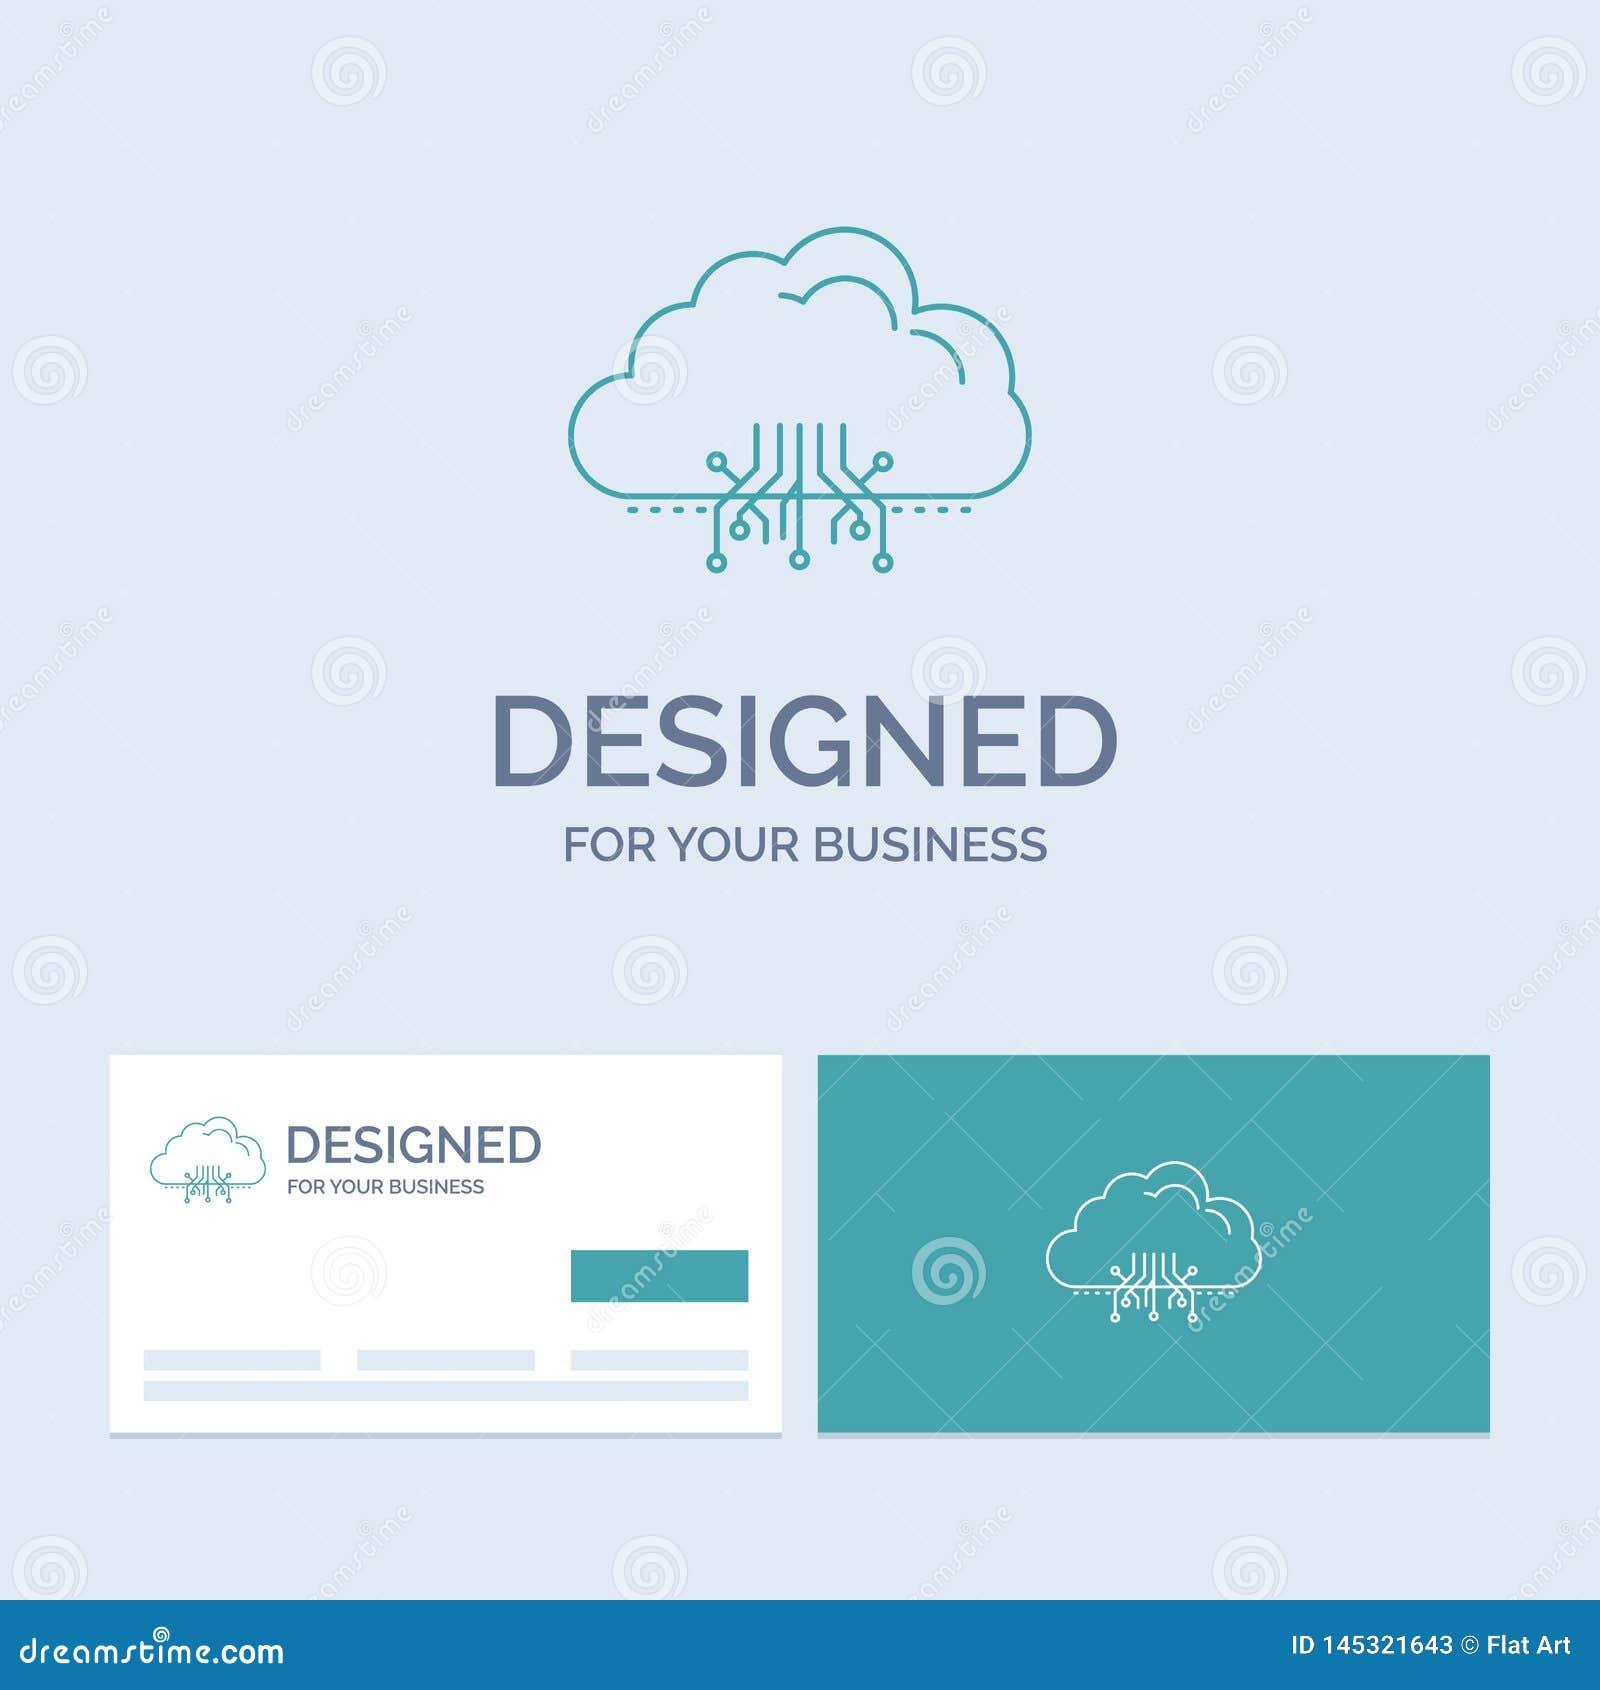 σύννεφο, υπολογισμός, στοιχεία, φιλοξενία, σύμβολο εικονιδίων γραμμών επιχειρησιακών λογότυπων δικτύων για την επιχείρησή σας Τυρ